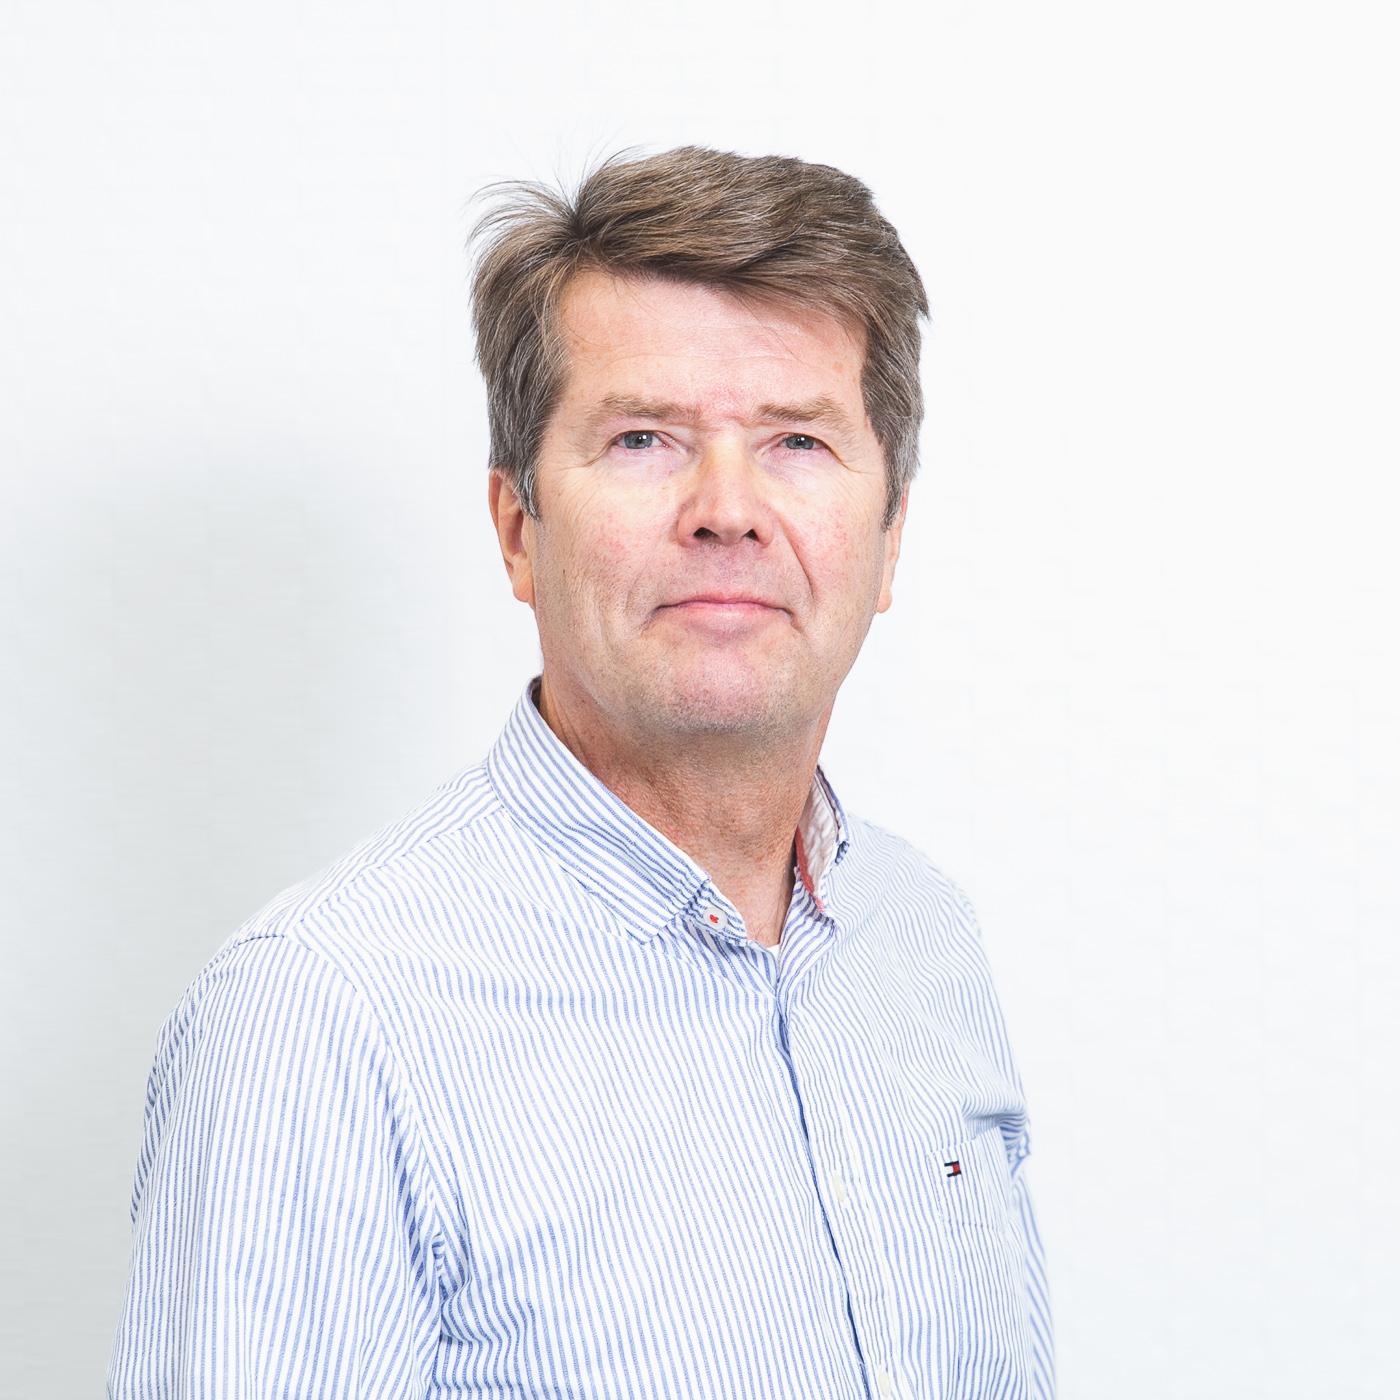 Tuotepäällikkö Jorma Pylkkö